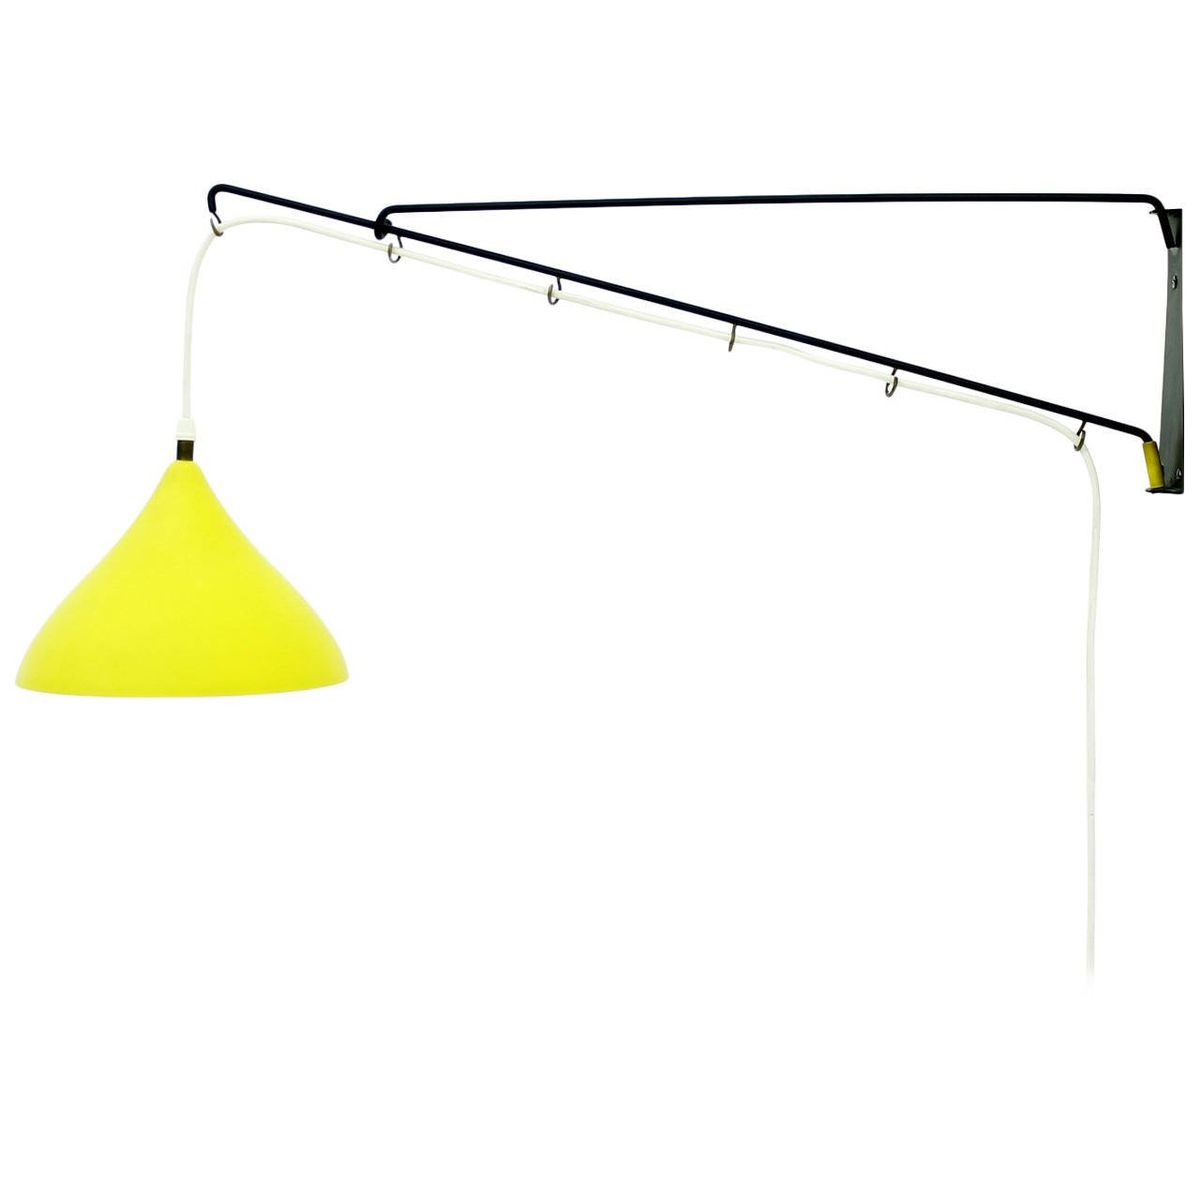 Gegengewicht Wandlampe von Cosack, 1950er